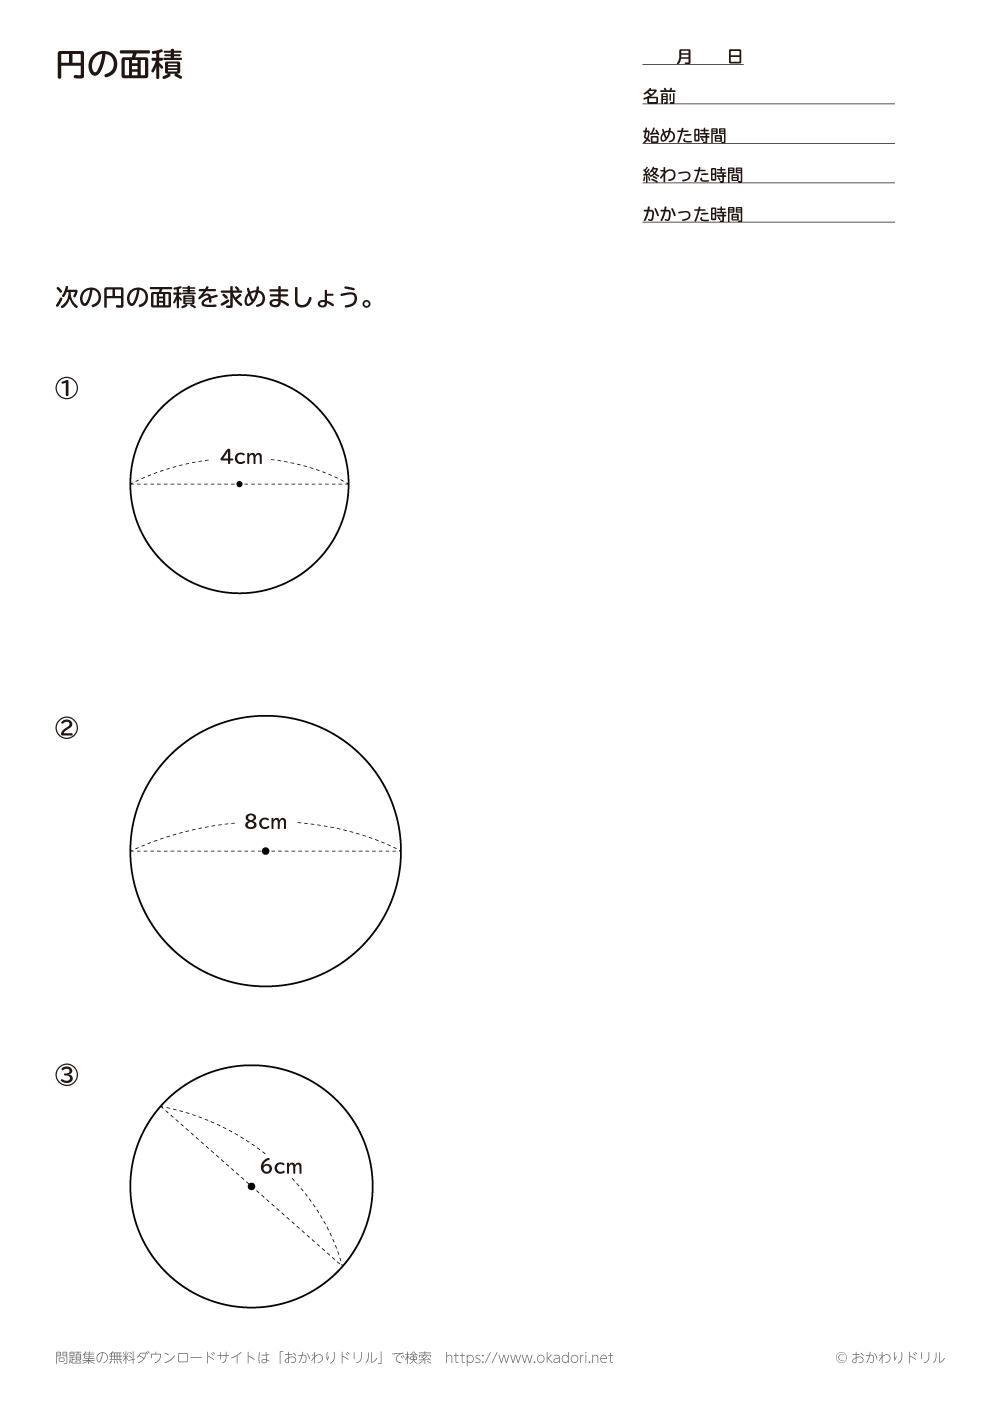 円の面積2